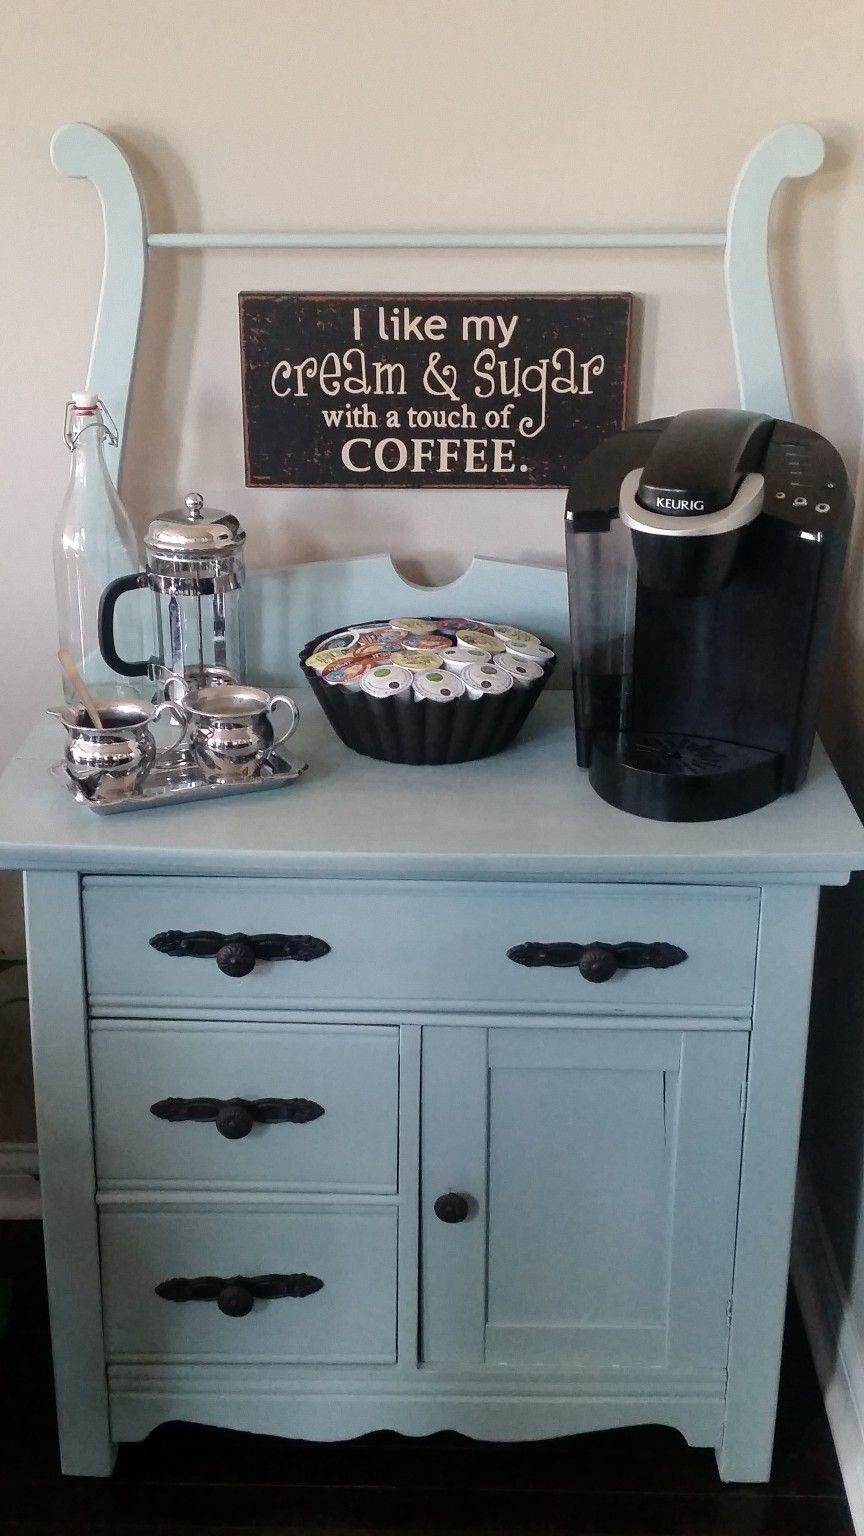 20150529_193128 | Tiny house kitchen ideas | Pinterest | Coffe bar ...